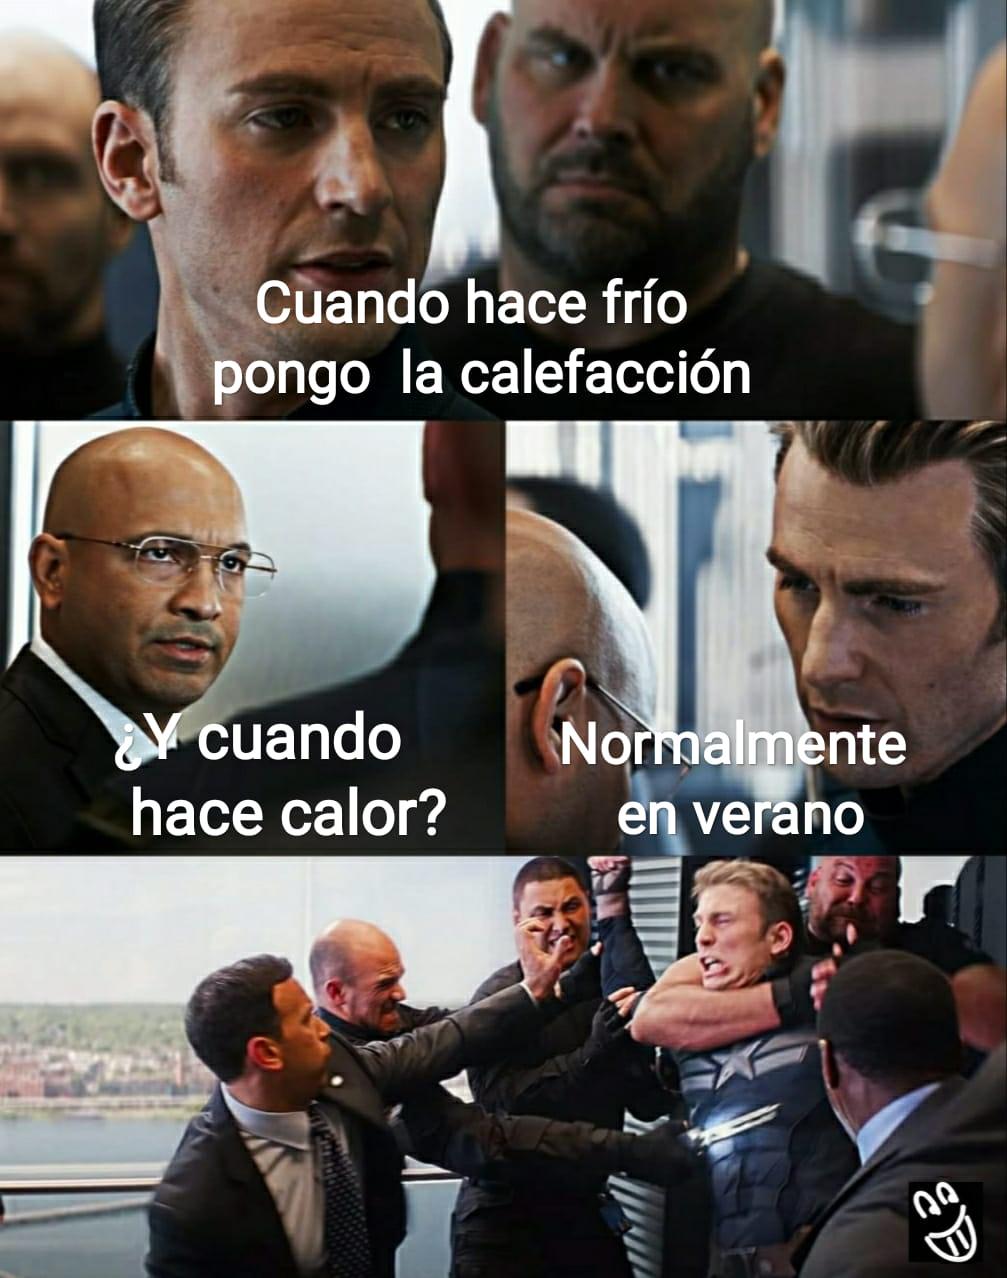 Meme Capitán América Calefacción verano